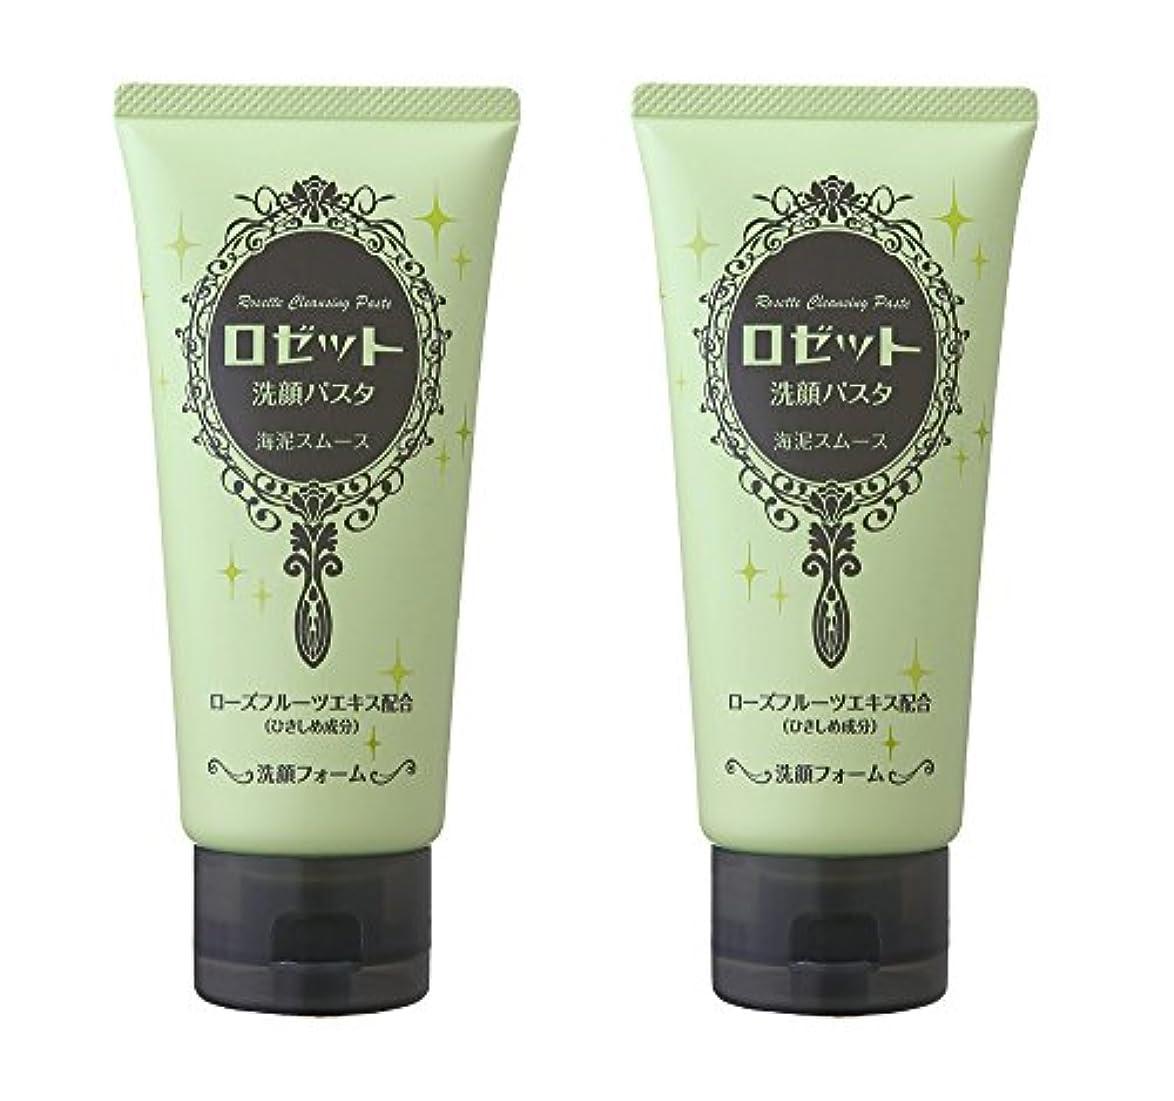 薬を飲むペレット強化するロゼット洗顔パスタ 海泥スムース 2個パック (120g×2個)